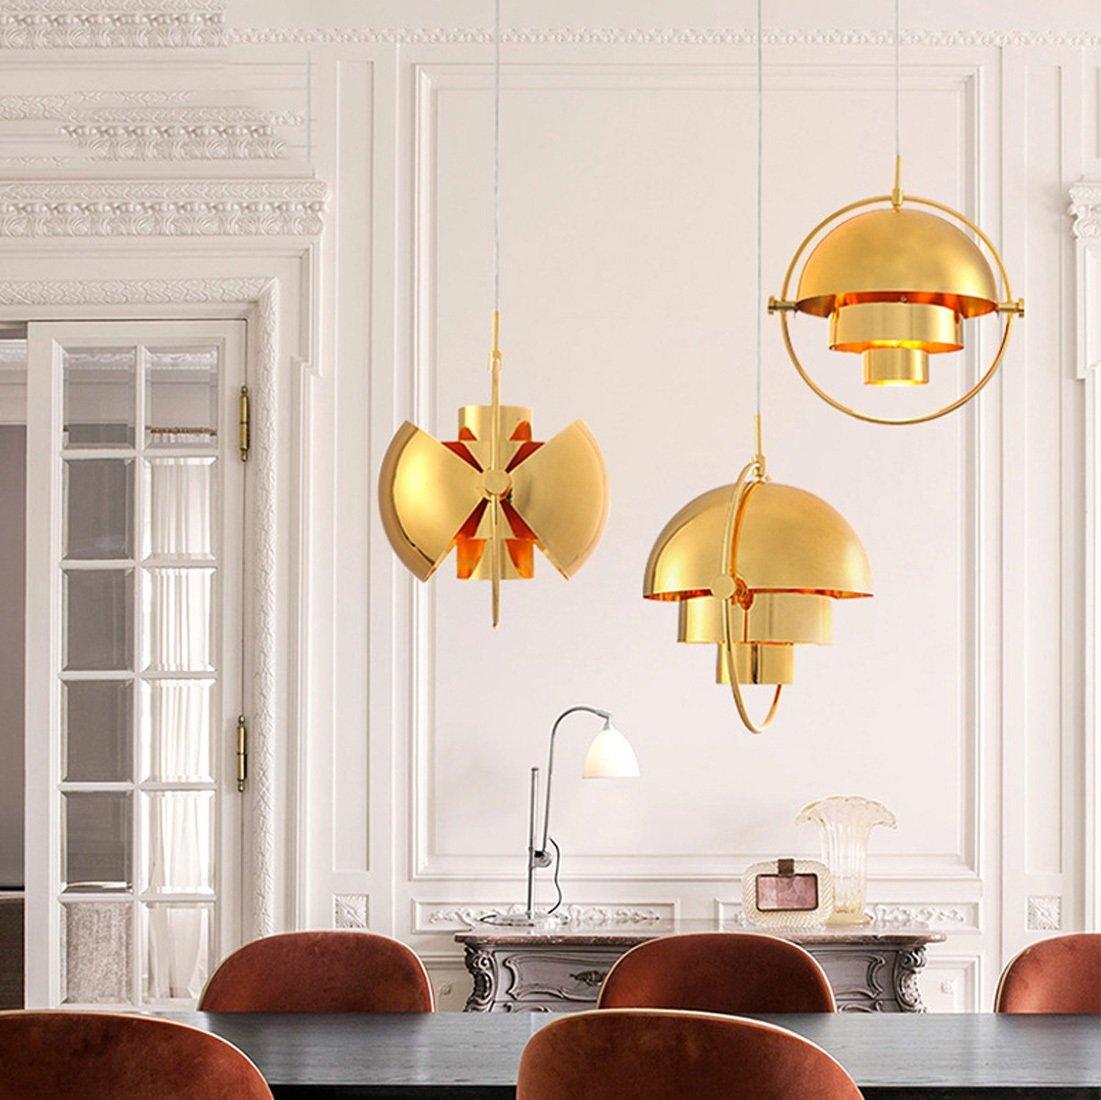 Ydxwan LED Retro-Moderne Metall Pendelleuchte Halbkreisförmige ...